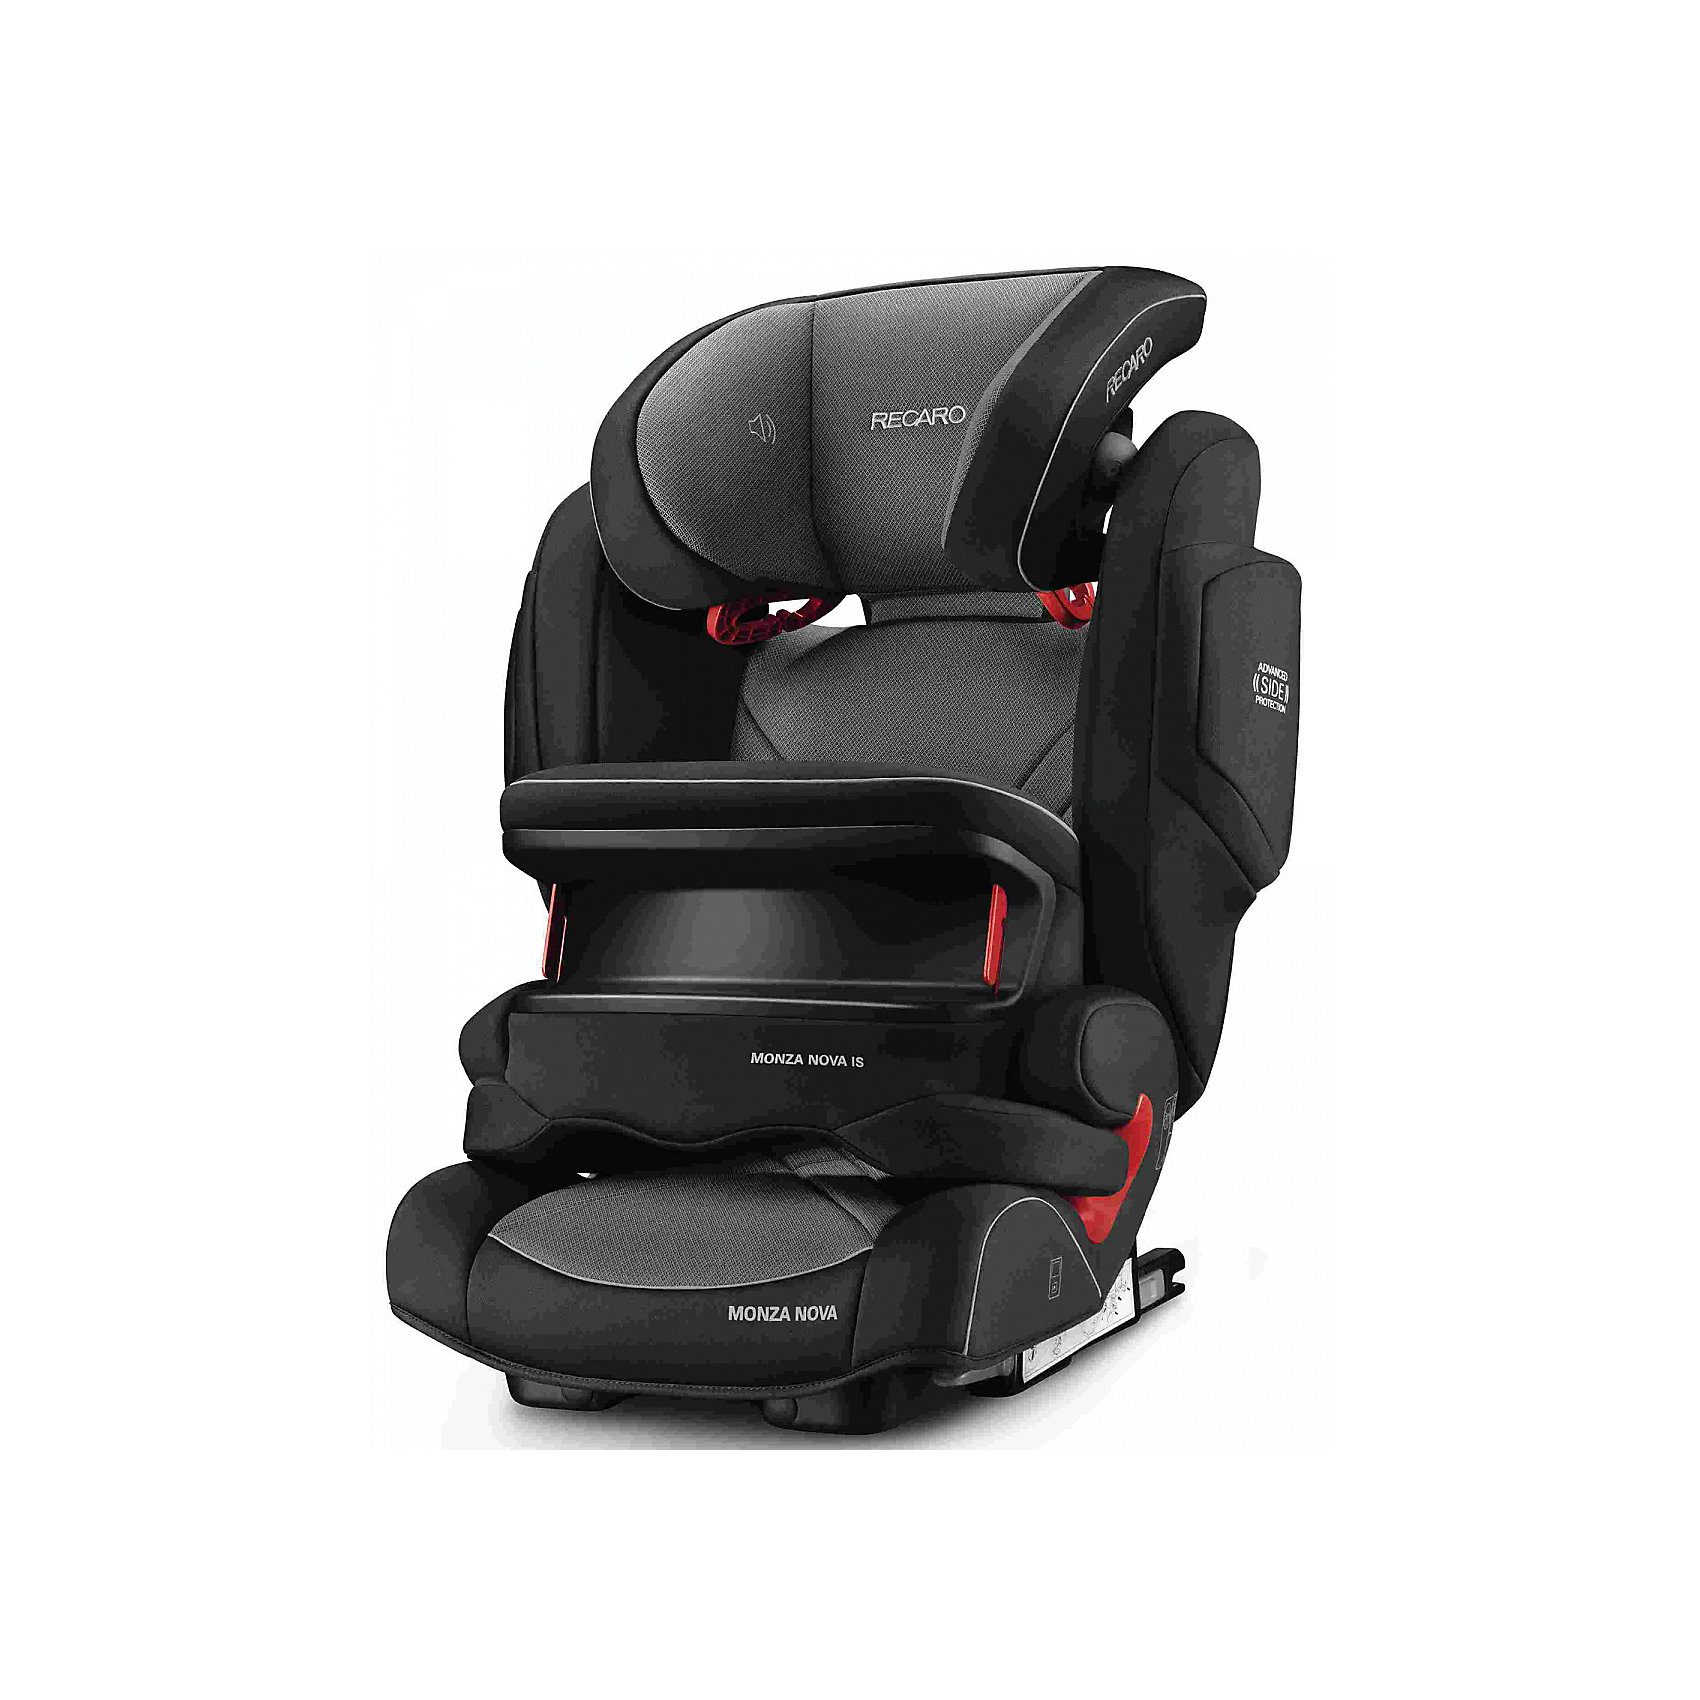 Автокресло Monza Nova IS Seatfix 9-36 кг., Recaro, Carbon BlackХарактеристики:<br><br>• группа: 1/2/3;<br>• вес ребенка: 9-36 кг;<br>• возраст ребенка: от 9 месяцев до 12 лет;<br>• способ крепления: IsoFix или штатными ремнями безопасности автомобиля;<br>• способ установки: лицом по ходу движения автомобиля;<br>• регулируется высота подголовника: 11 положений;<br>• имеется ростомер;<br>• регулируется глубина подголовника;<br>• перед ребенком находится специальный жесткий столик, который обеспечивает максимальную защиту ребенка от ударов при столкновении и резком торможении;<br>• угол наклона спинки подгоняется под угол сиденья автомобиля, слегка откидывается назад;<br>• имеются подлокотники, высота не меняется;<br>• сетчатый кармашек на боковой стороне автокресла;<br>• под сиденьем автокресла имеются пластиковые опорные элементы;<br>• в боковинках автокресла находятся встроенные динамики;<br>• усиленная боковая защита, 12 см;<br>• материал: пластик, полиэстер;<br>• размеры автокресла: 48х55х74 см;<br>• вес: 8 кг.<br><br>Автокресло Monza Nova IS Seatfix будет сопровождать вас и вашего кроху вплоть до достижения ребенком возраста 12 лет. Автокресло укомплектовано дополнительными аксессуарами для наибольшей безопасности ребенка на каждом этапе его взросления. Когда вес малыша находится в пределах 9-18 кг, эргономичный защитный столик вместе с 3-х точечным ремнем безопасности автомобиля обеспечивают максимальную безопасность. Автокресло обязательно используется со столиком, пока кроха не достигнет определенного роста и веса (95 см/18 кг).<br><br>Автокресло устанавливается на заднем сидении автомобиля с помощью системы Изофикс. Выдвижные крепления кресла совмещаются с системой Изофикс в автомобиле.<br>Обивка автокресла выполнена из дышащего материала, который не впитывает посторонние запахи. Автокресло оснащено вентиляционными отверстиями для циркуляции воздуха и регуляции теплообмена. Чехлы автокресла съемные, допускается стирка при температуре 30 градусов.<br><br>Компл